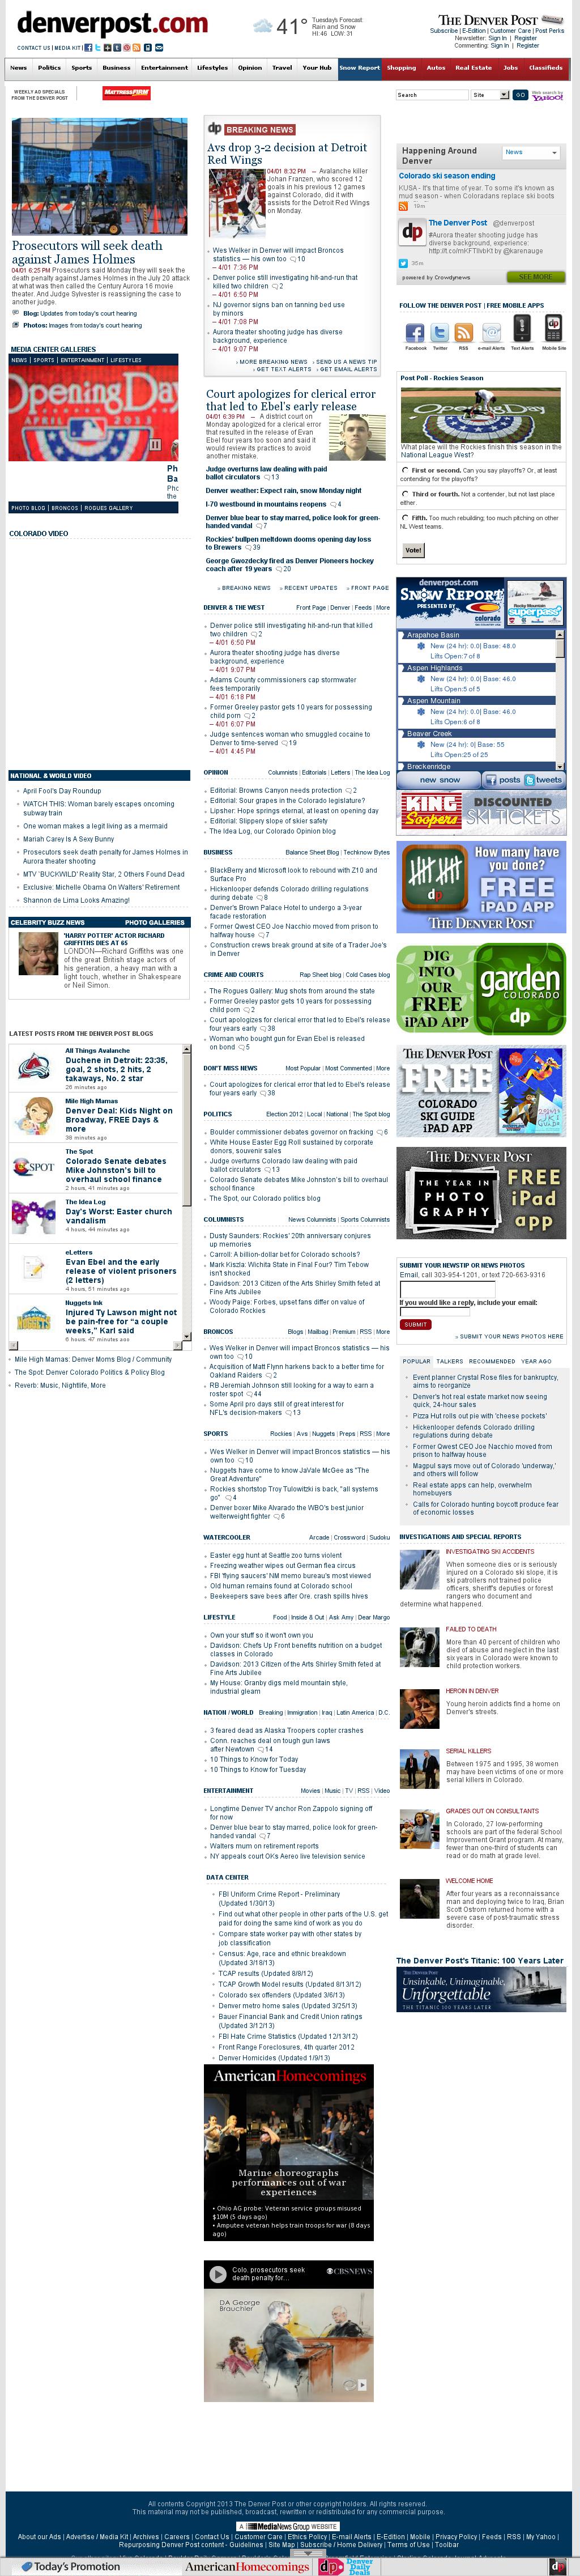 Denver Post at Tuesday April 2, 2013, 4:05 a.m. UTC